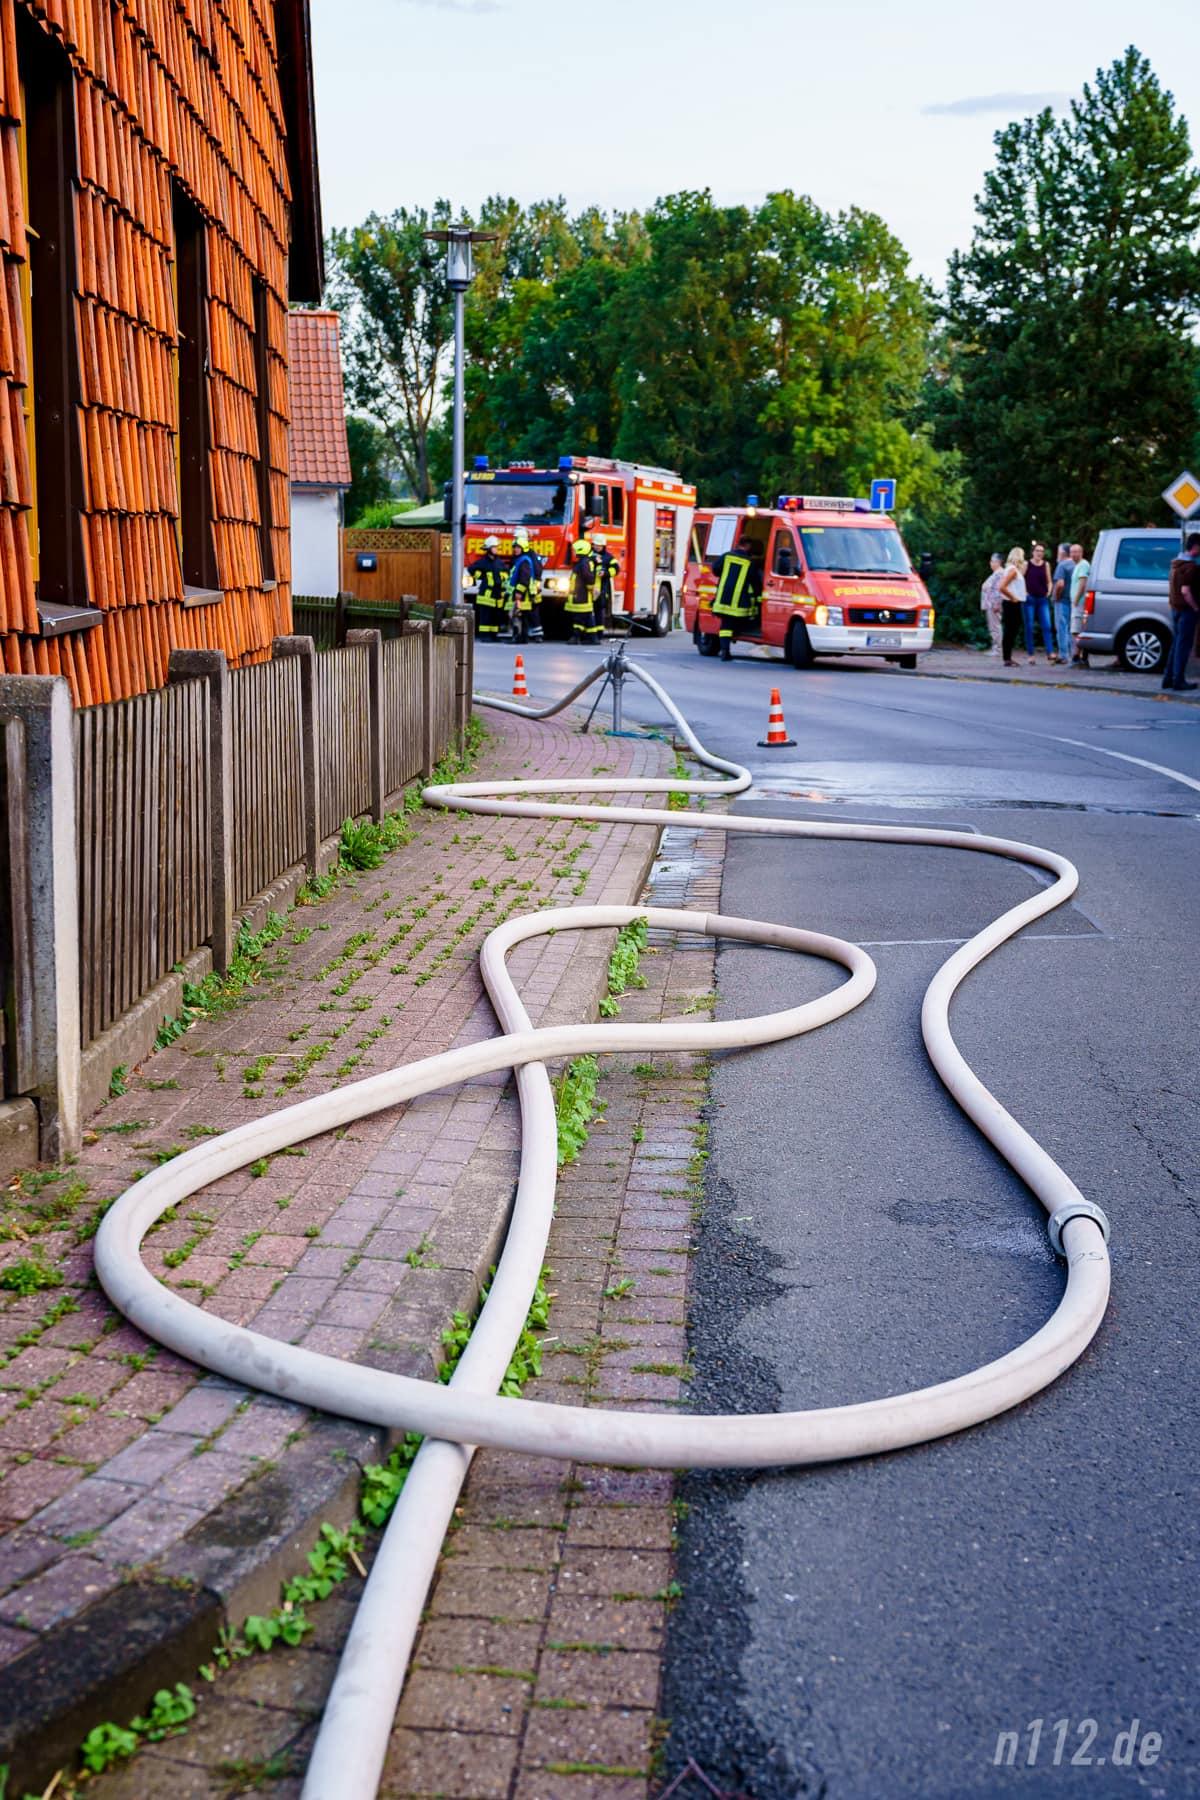 Insgesamt sechs Strahlrohre setzten die Helfer ein. Um die Wasserversorgung sicherzustellen, bauten die Ehrenamtlichen etliche Zuleitungen von Hydranten zu den Pumpen der Löschfahrzeugen auf (Foto: n112.de/Stefan Simonsen)